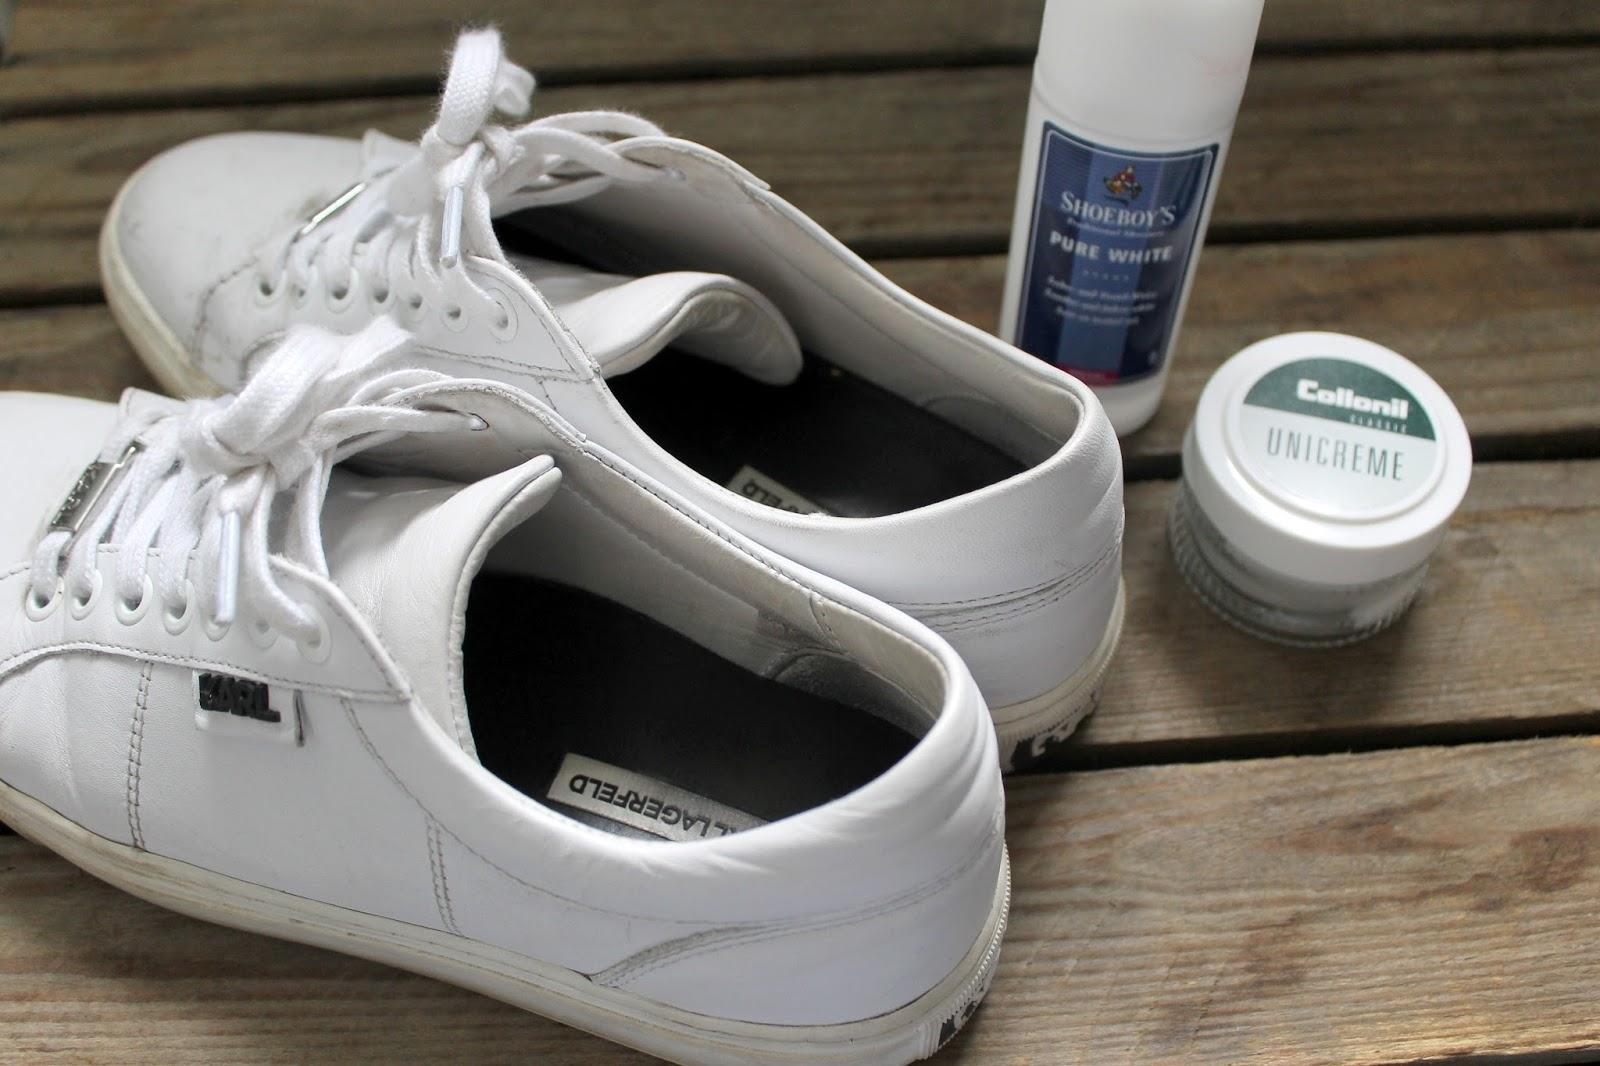 witte zool schoen schoonmaken